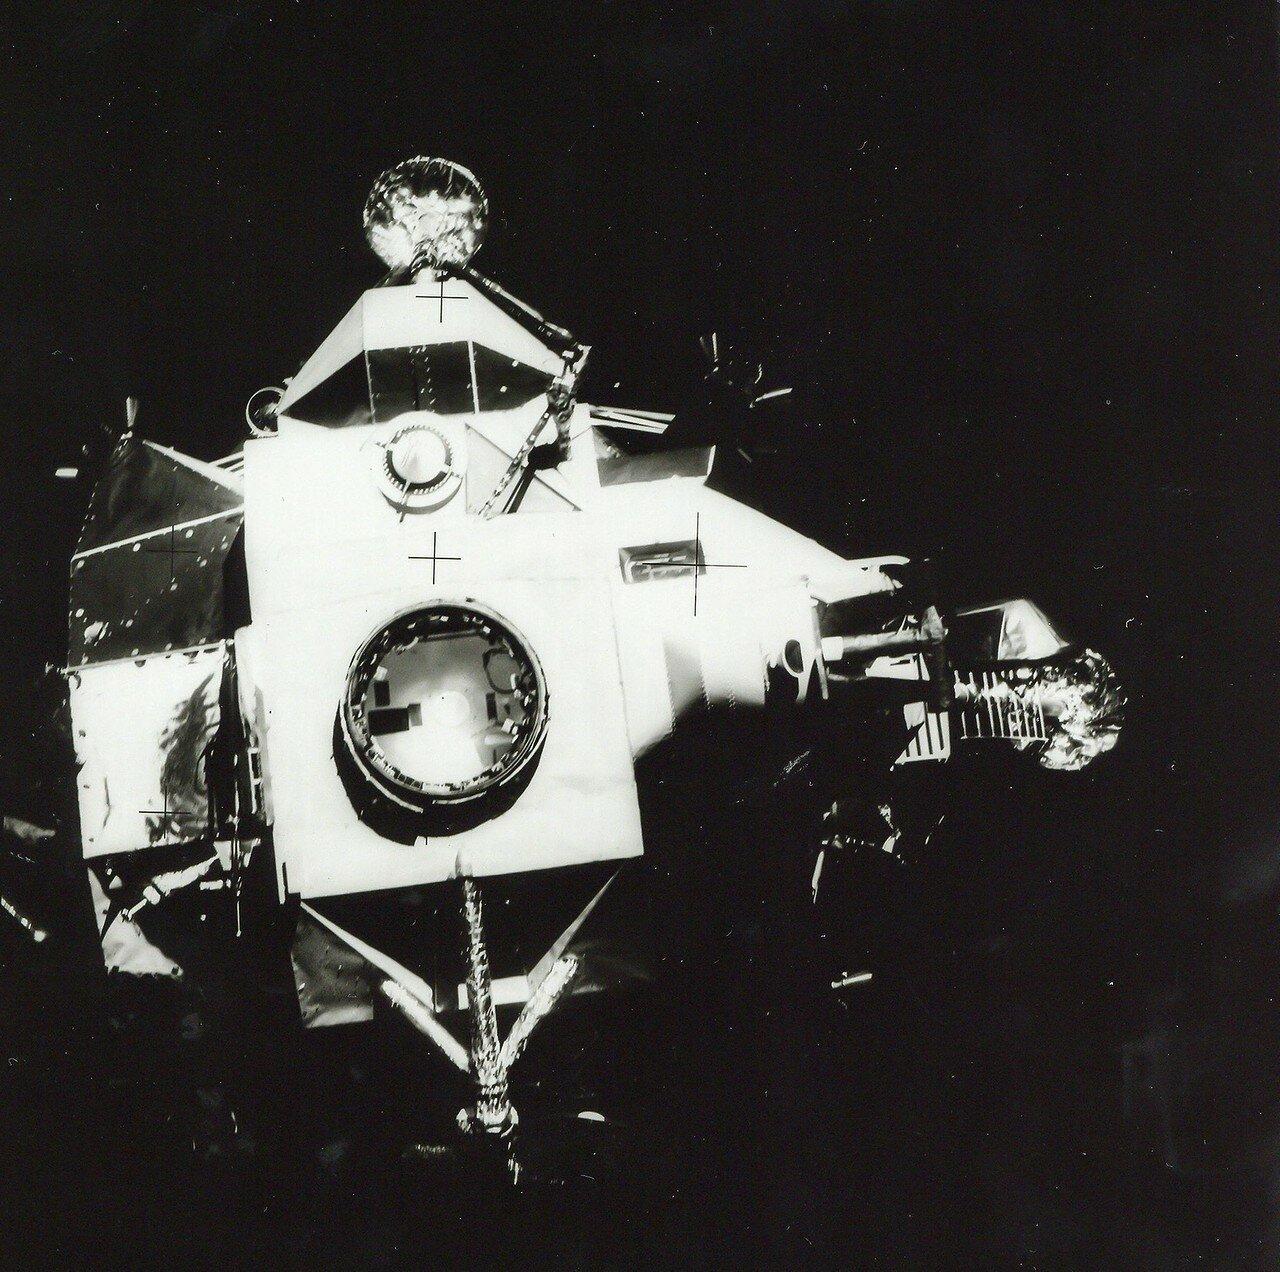 После этого экипажу предстояло провести ещё несколько ответственных операций, в частности, выполнить отстыковку двигательного отсека от корабля.